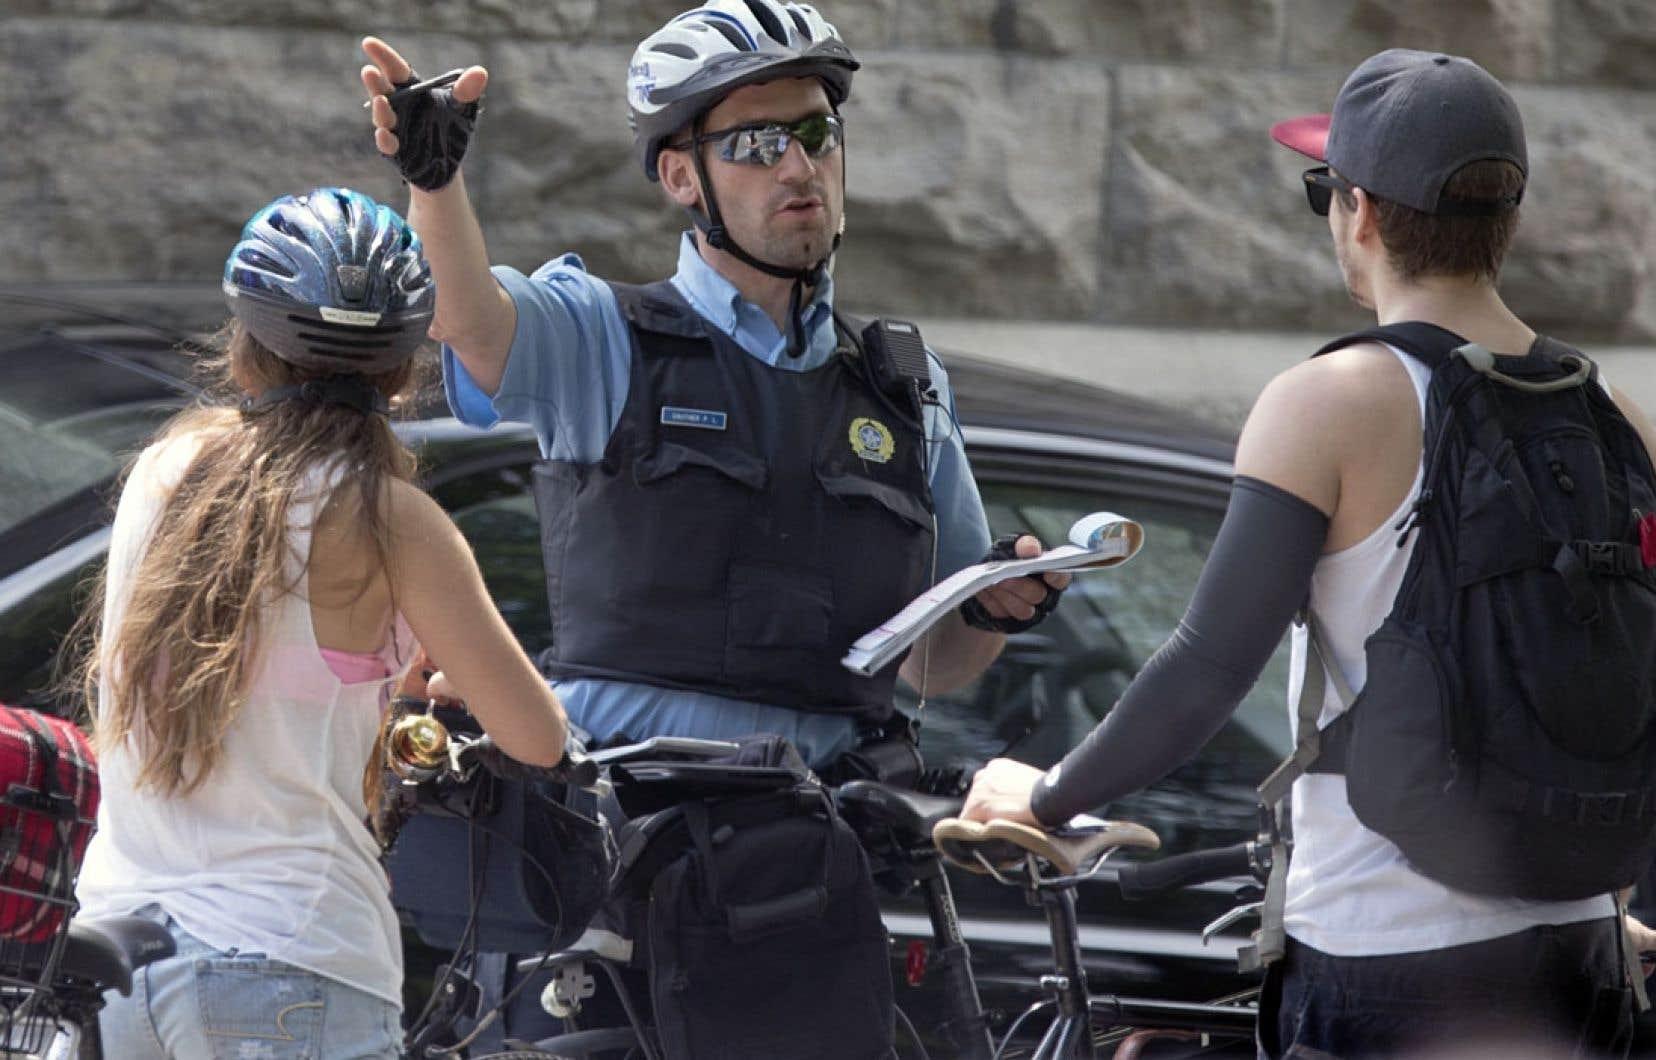 Un cycliste de Longueuil a été condamné à payer 1000$ d'amende pour avoir traversé cavalièrement la voie publique sur un feu rouge. Or, la décision de la Cour crée un précédant.